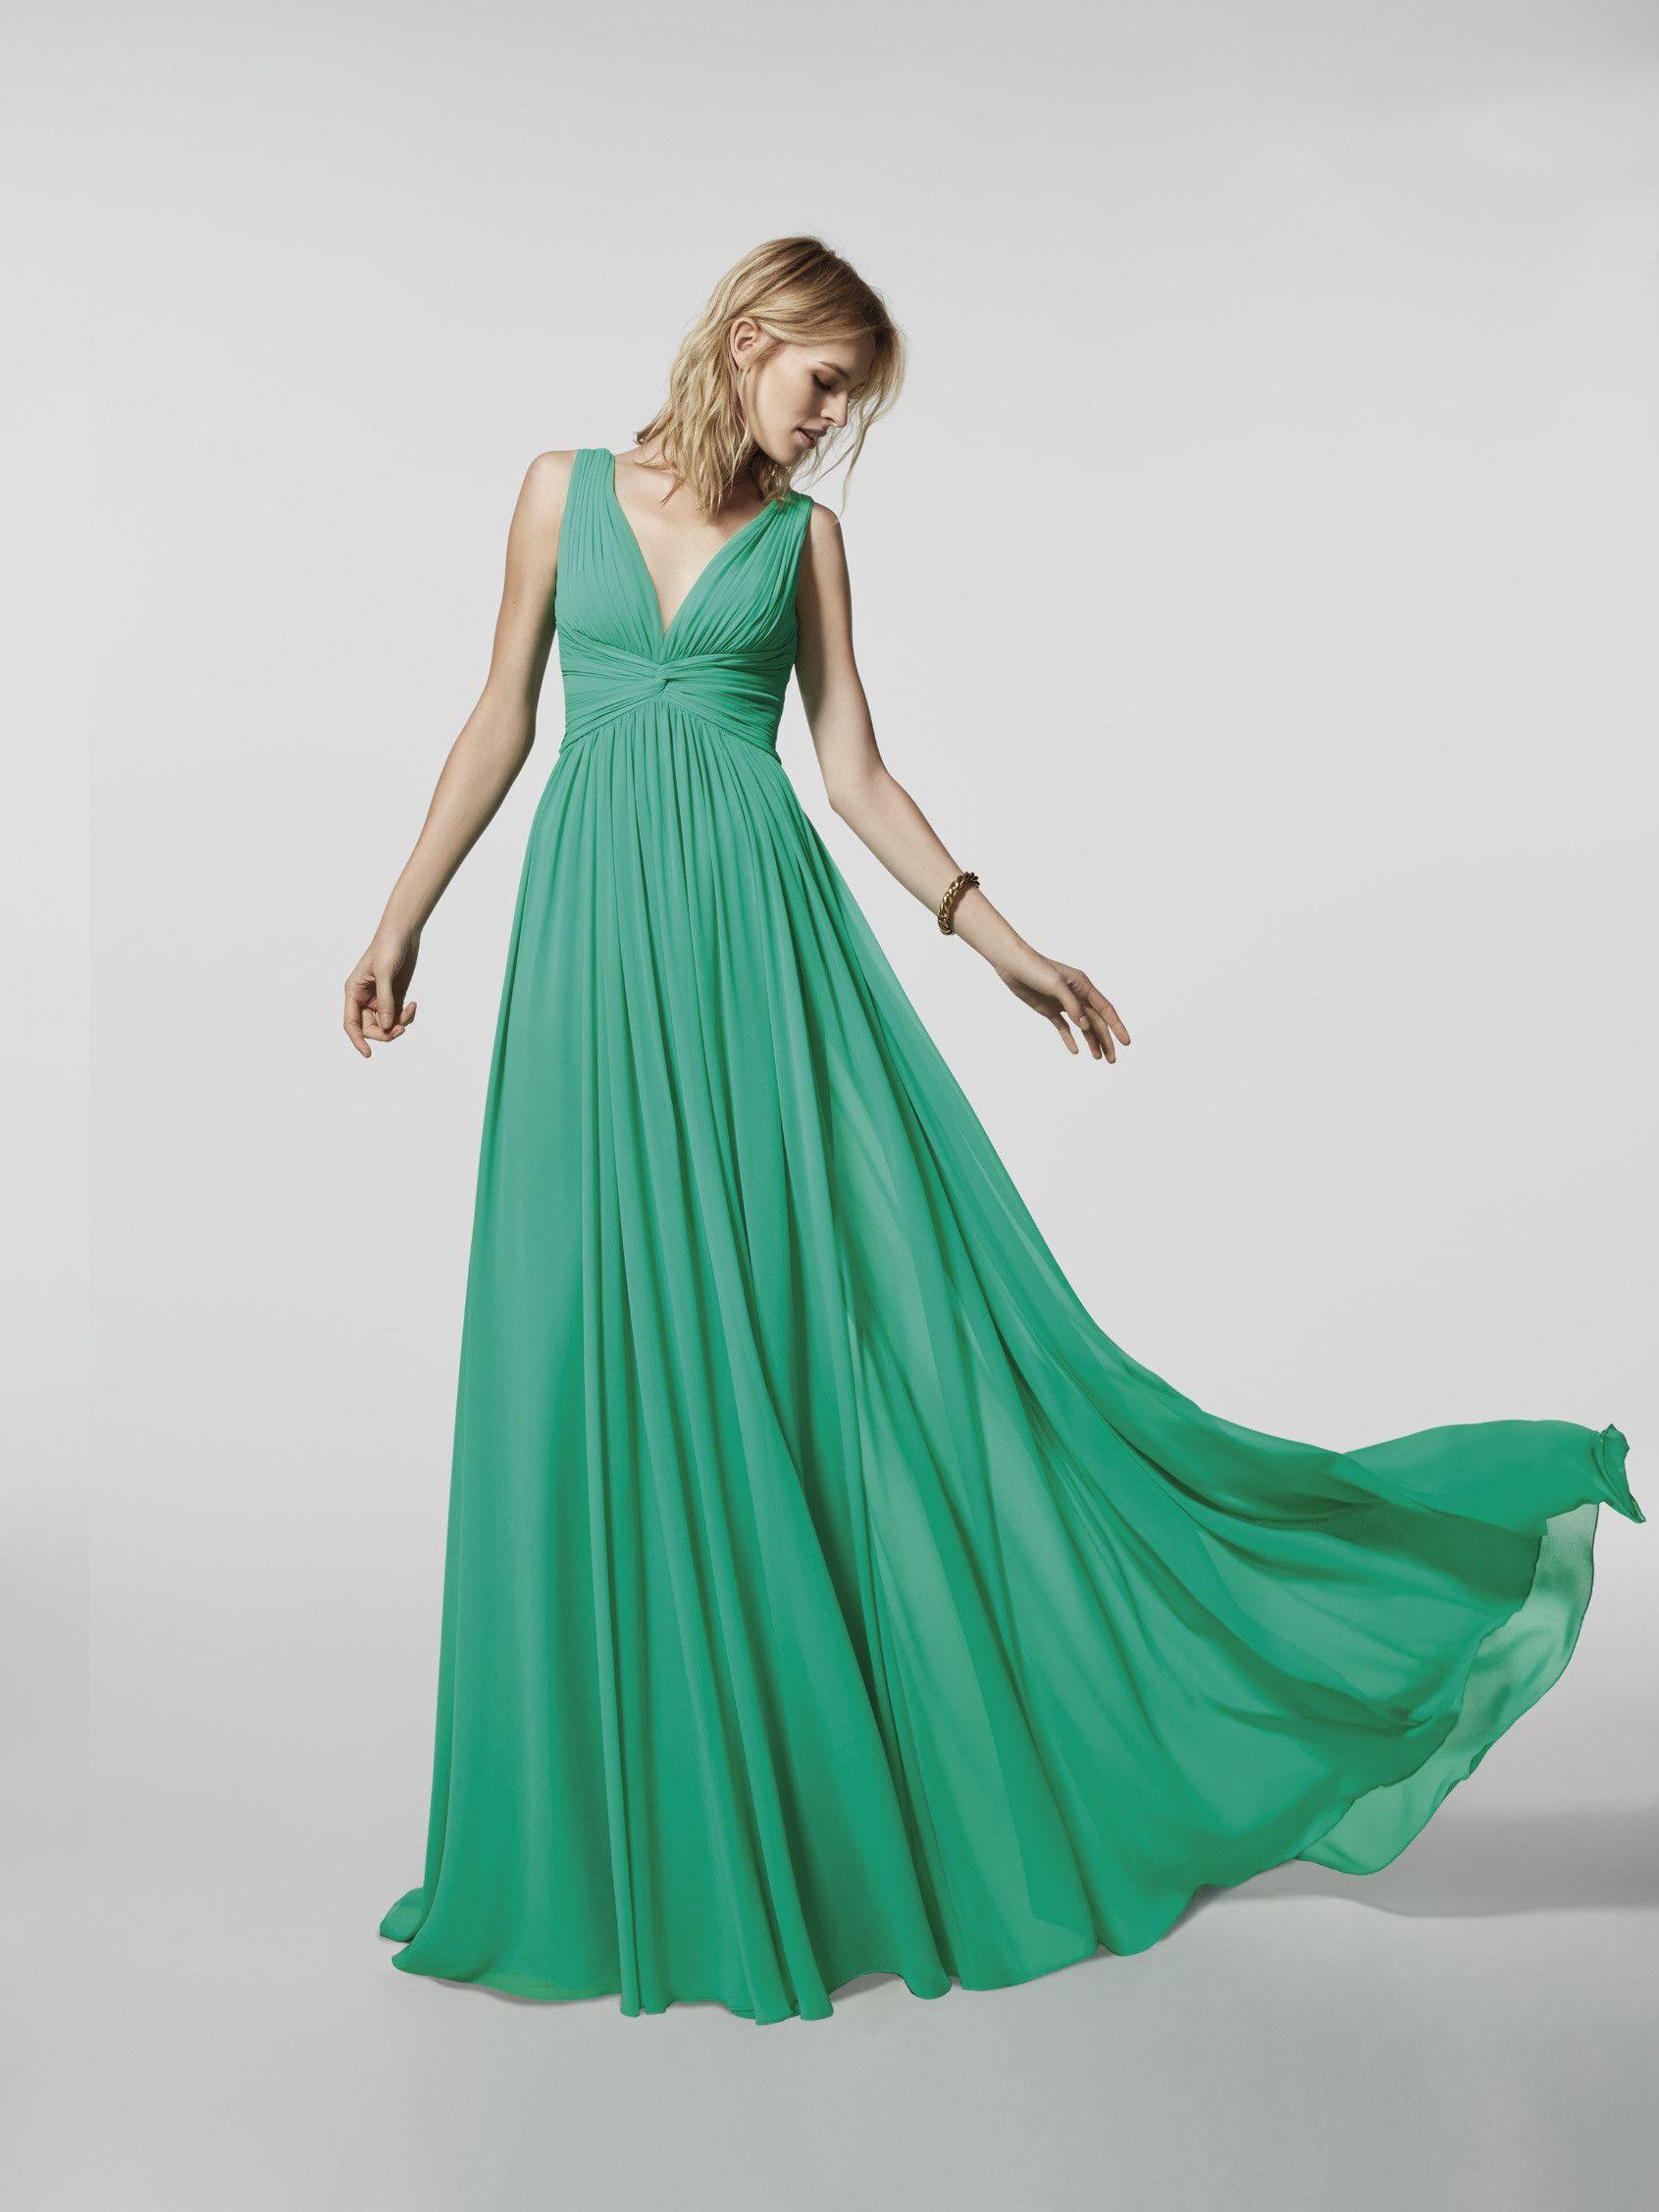 Yeşil kokteyl elbisesi fotoğrafı (62039) | Kıyafet Seçenekleri ...